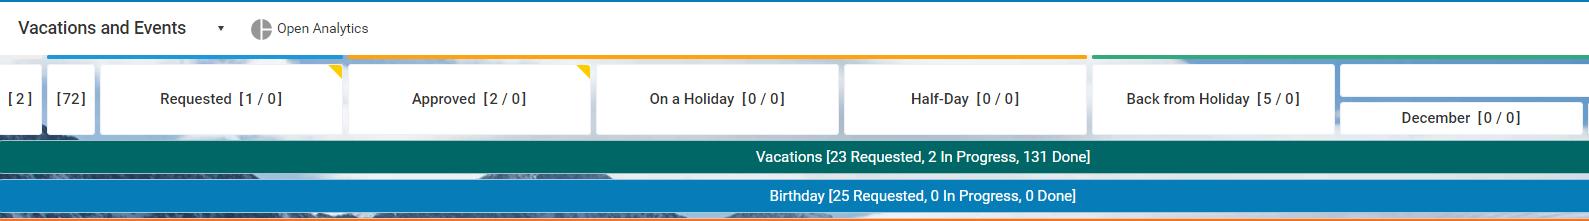 VacationsHR